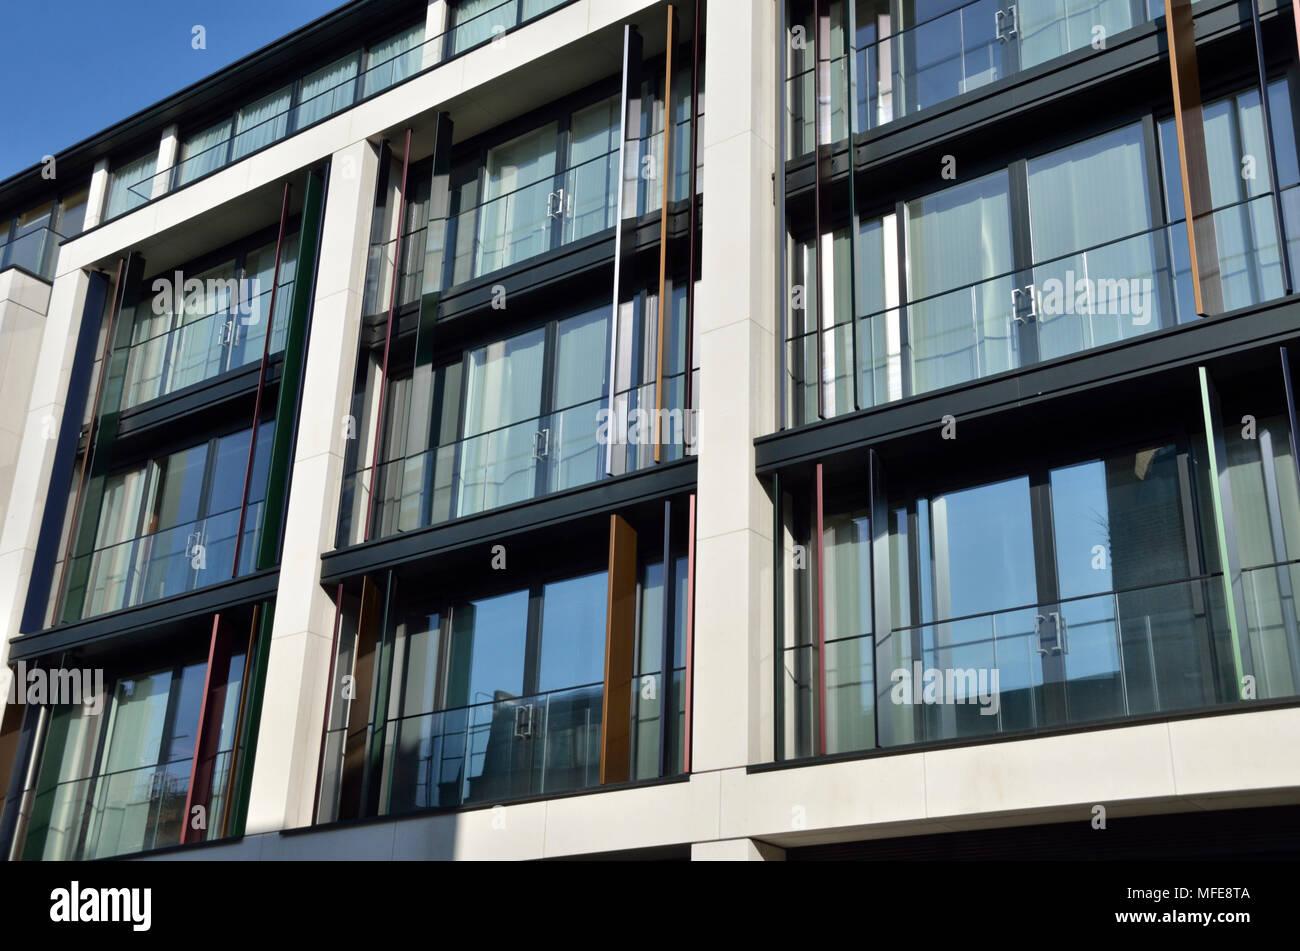 The Chilterns W1 luxury apartments, Marylebone, London, UK. - Stock Image